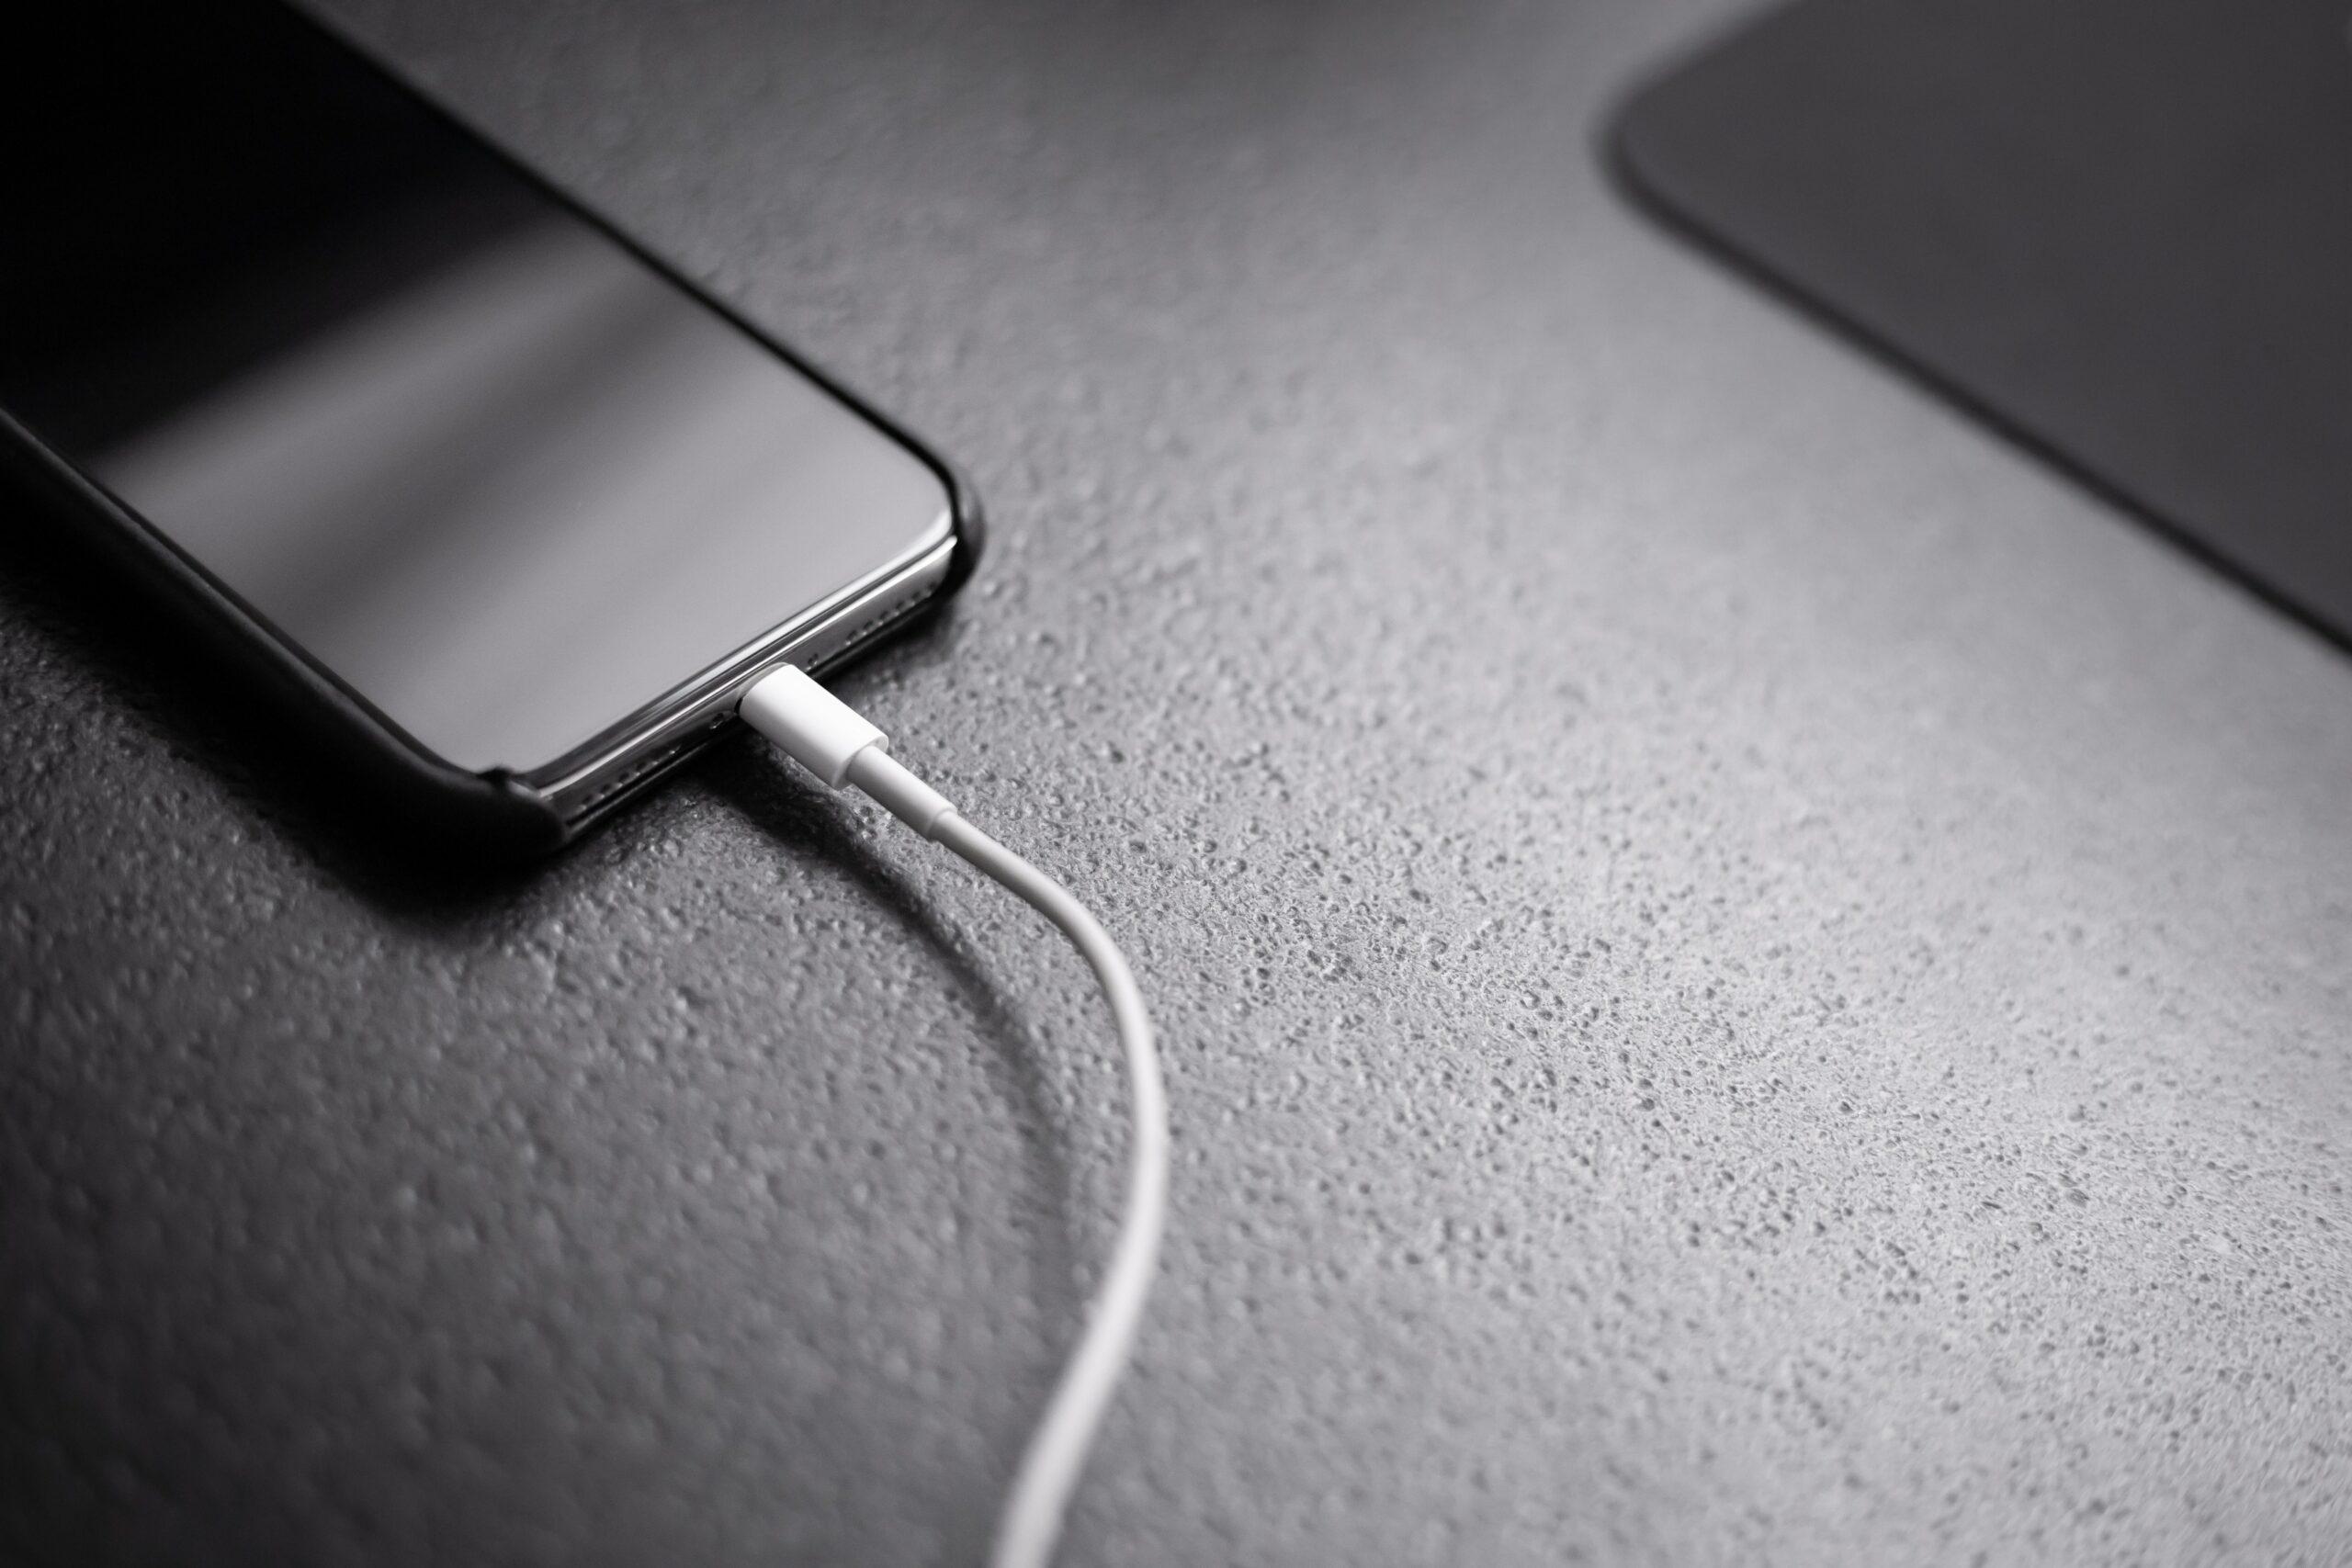 5 лайфхаков, которые помогут быстро зарядить мобильный телефон